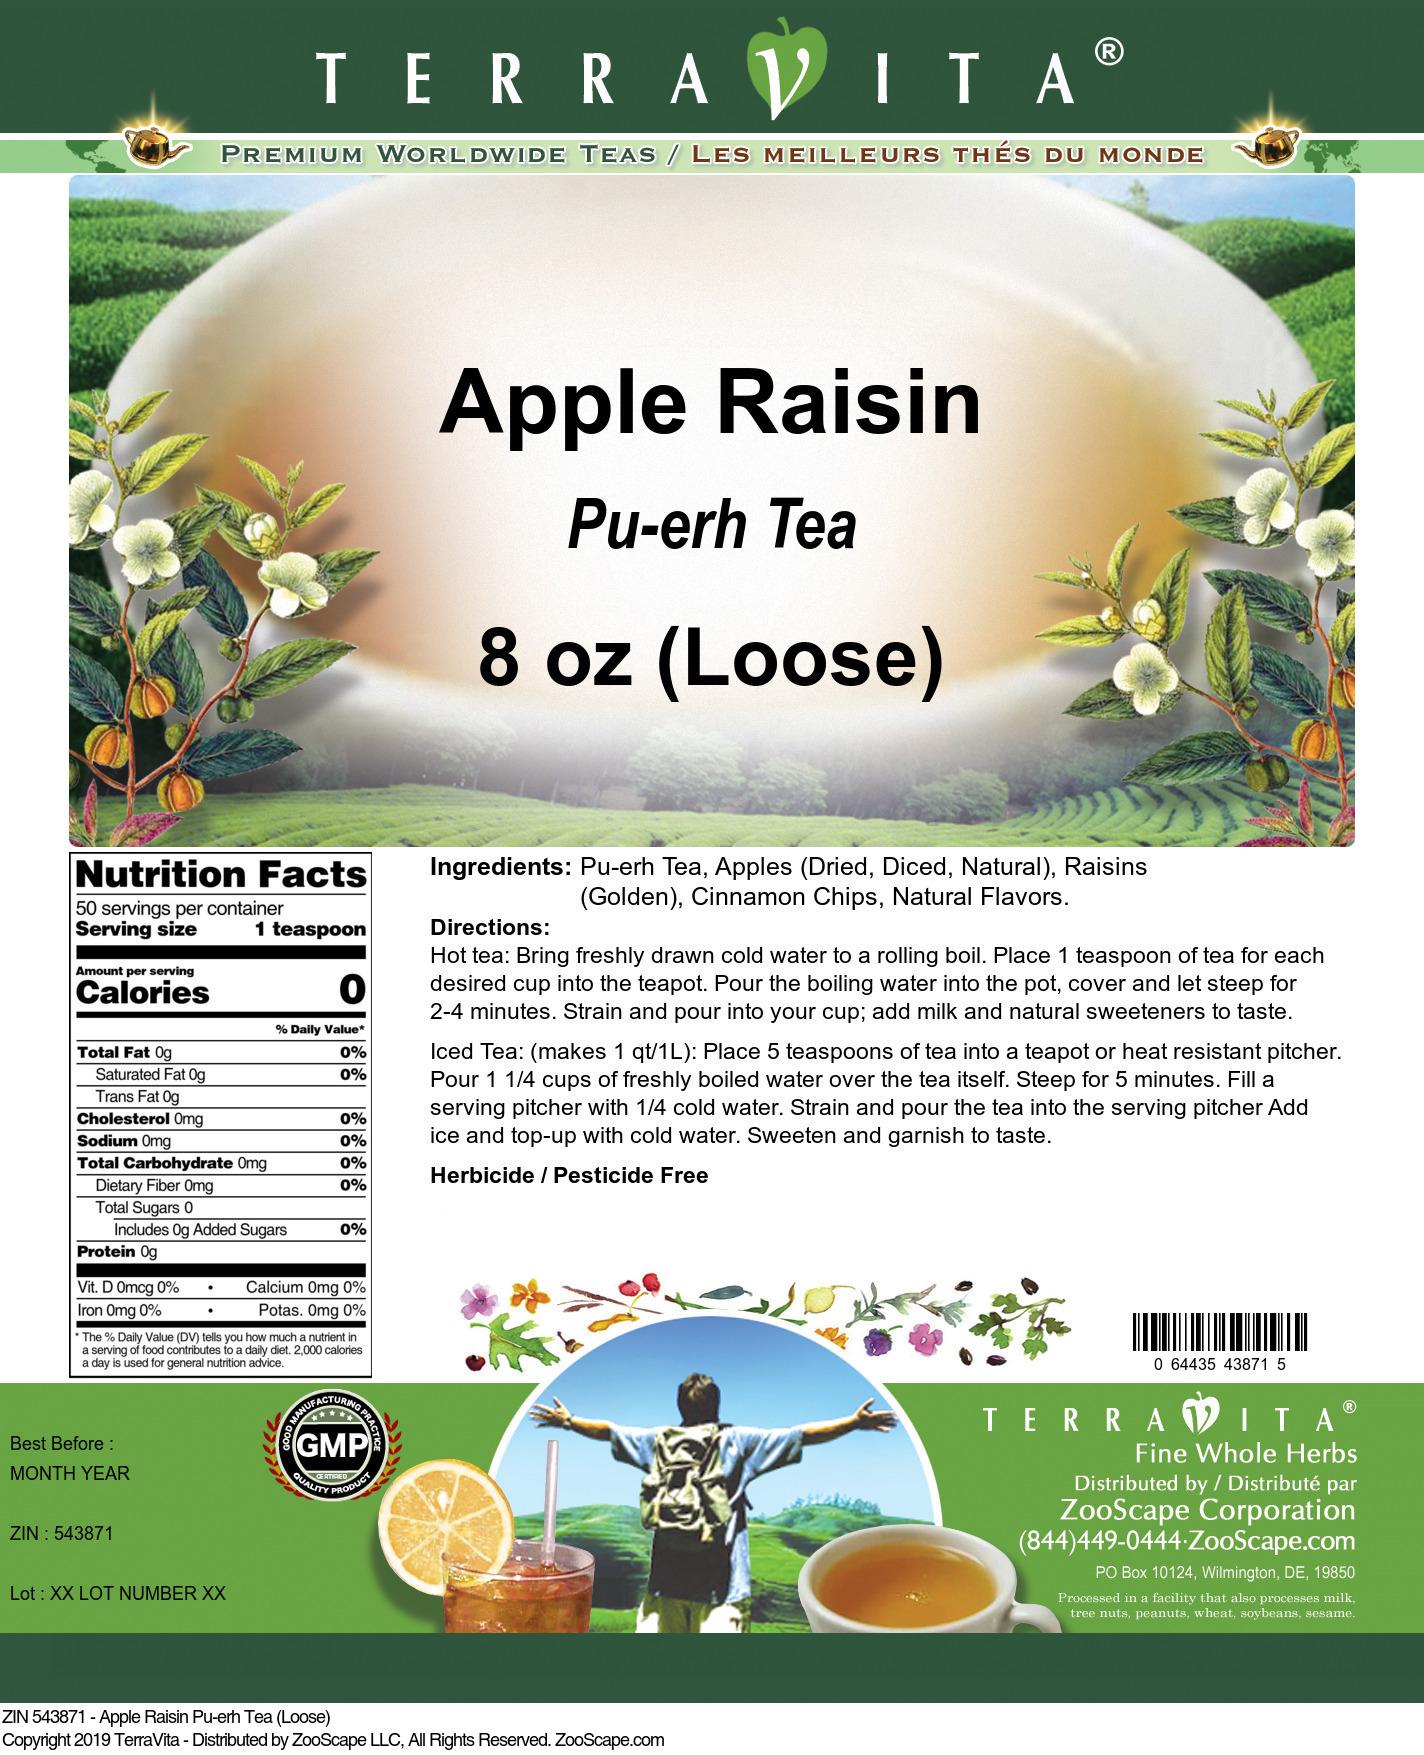 Apple Raisin Pu-erh Tea